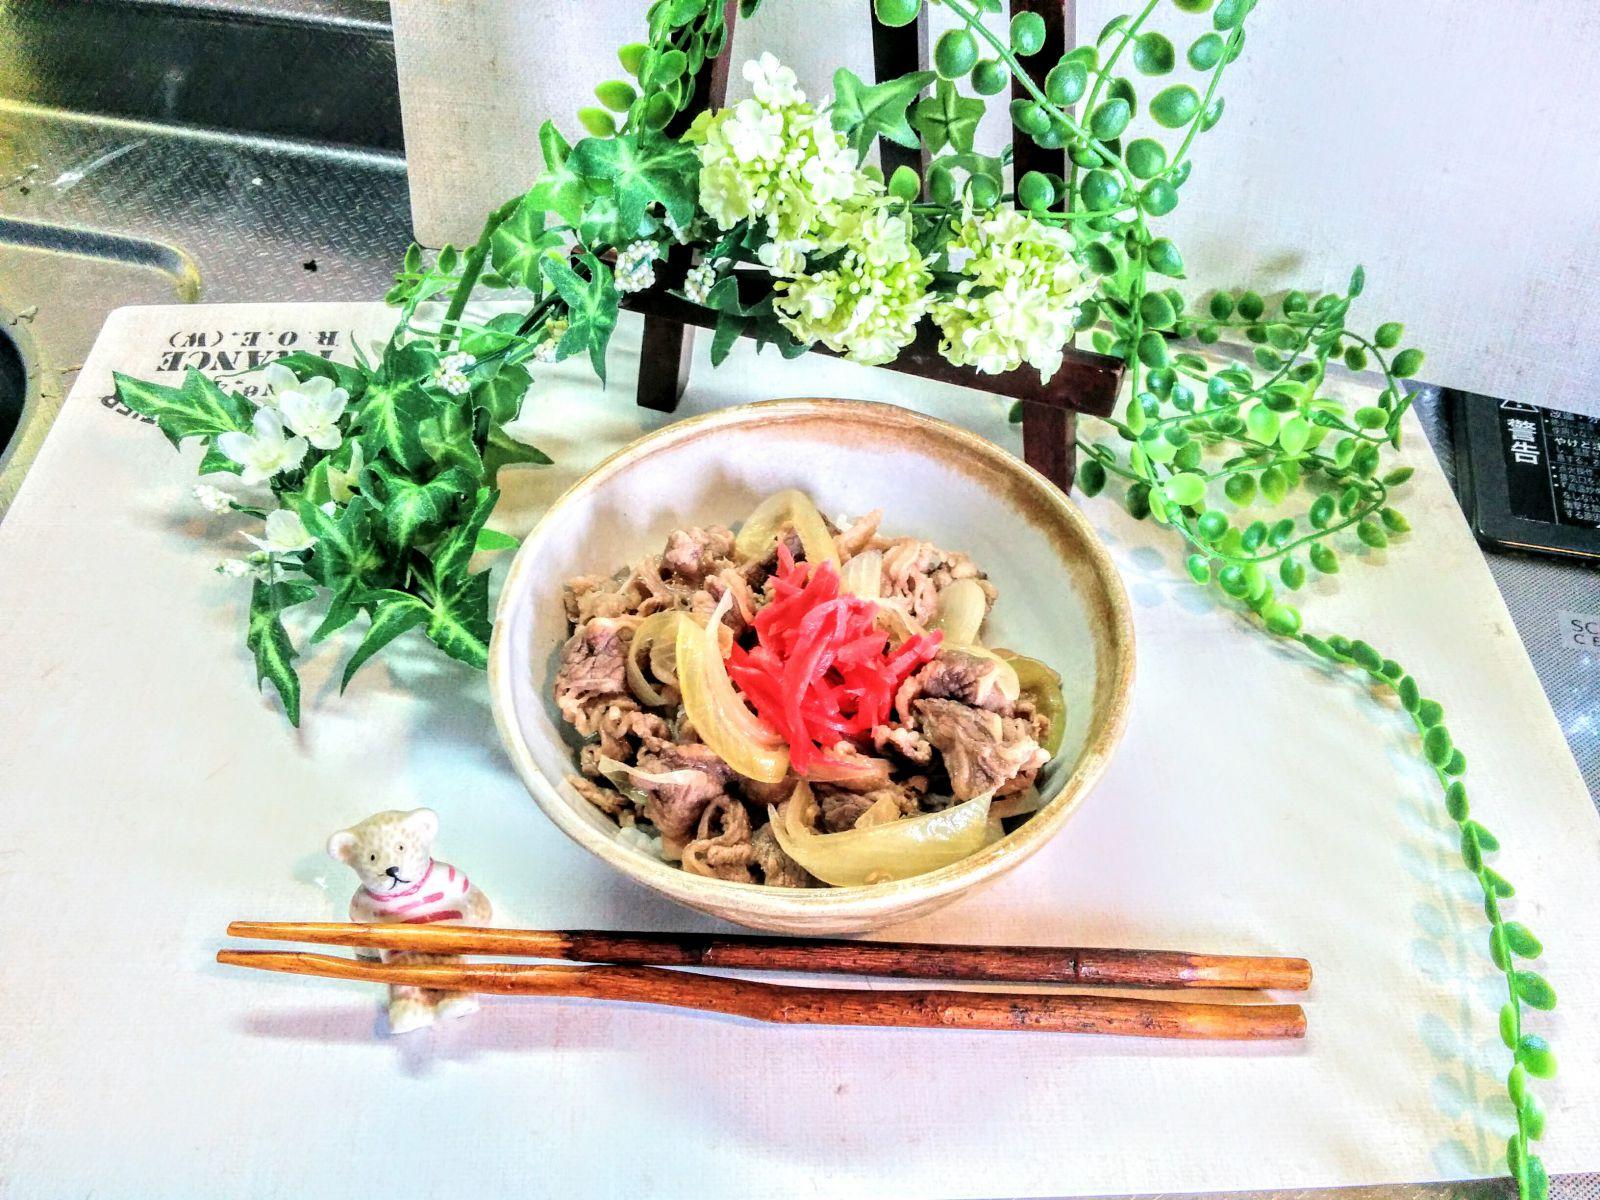 【小樽】お家御飯・サイゲン大介流「牛丼」グルメ案内です。